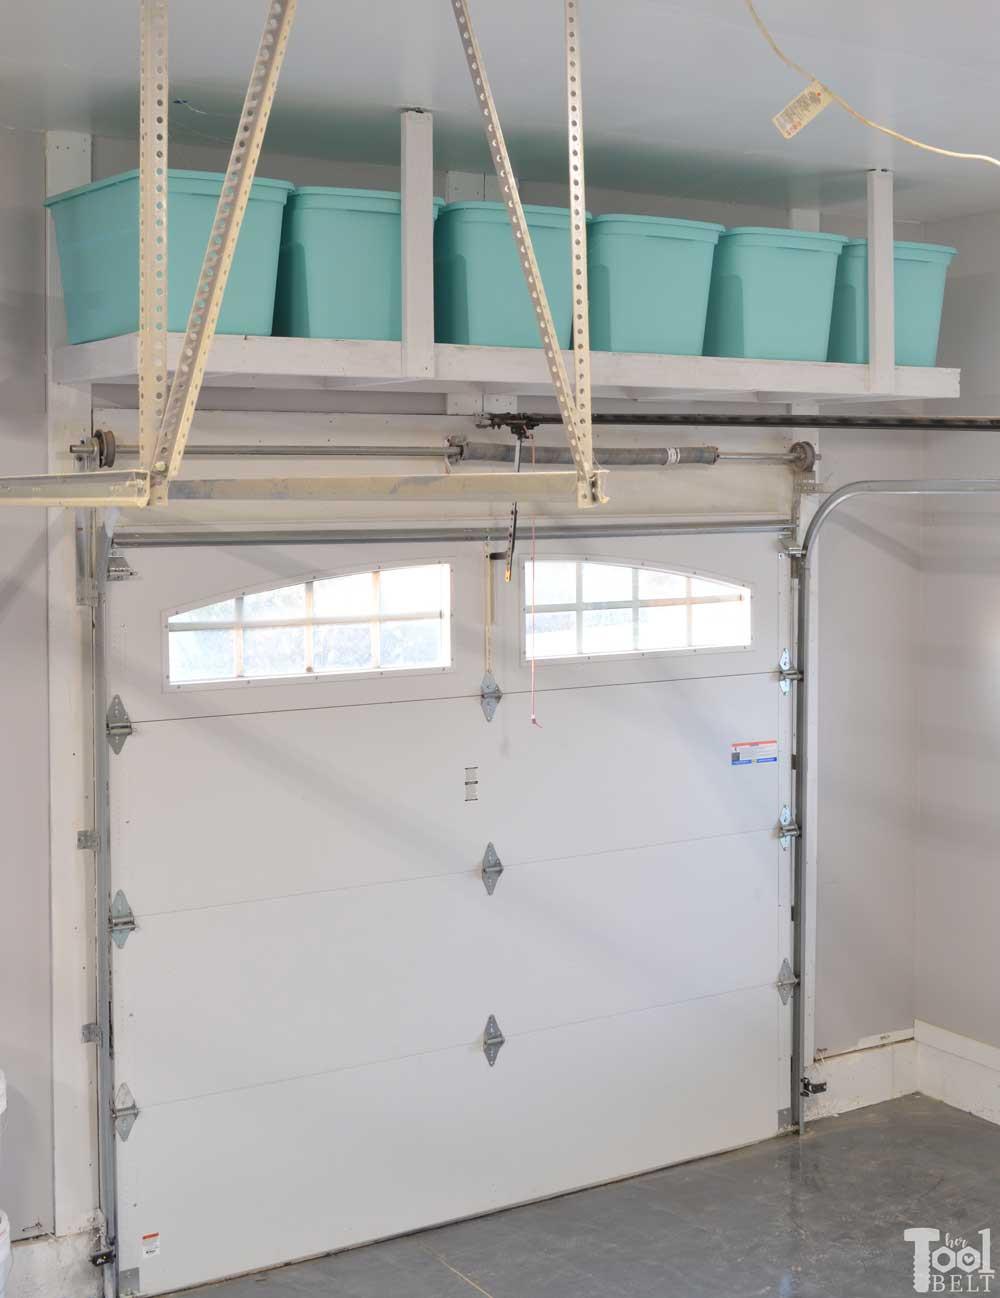 Best ideas about DIY Overhead Garage Storage Plans . Save or Pin Overhead Garage Storage Shelf Her Tool Belt Now.